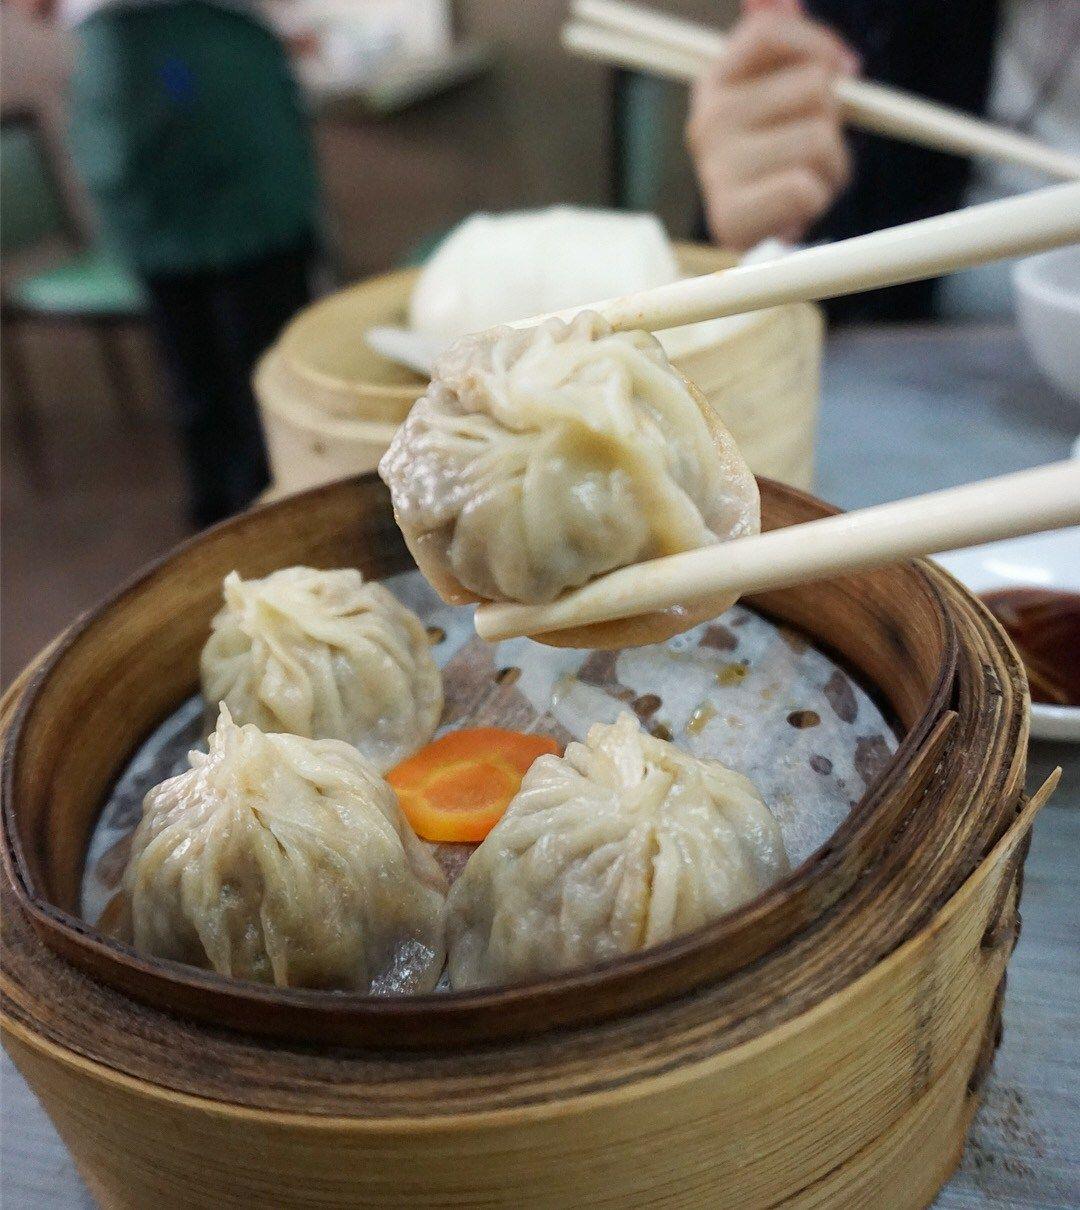 Hong Kong Halal Food: ISLAM FOOD, KOWLOON CITY | Travel Bug | Food